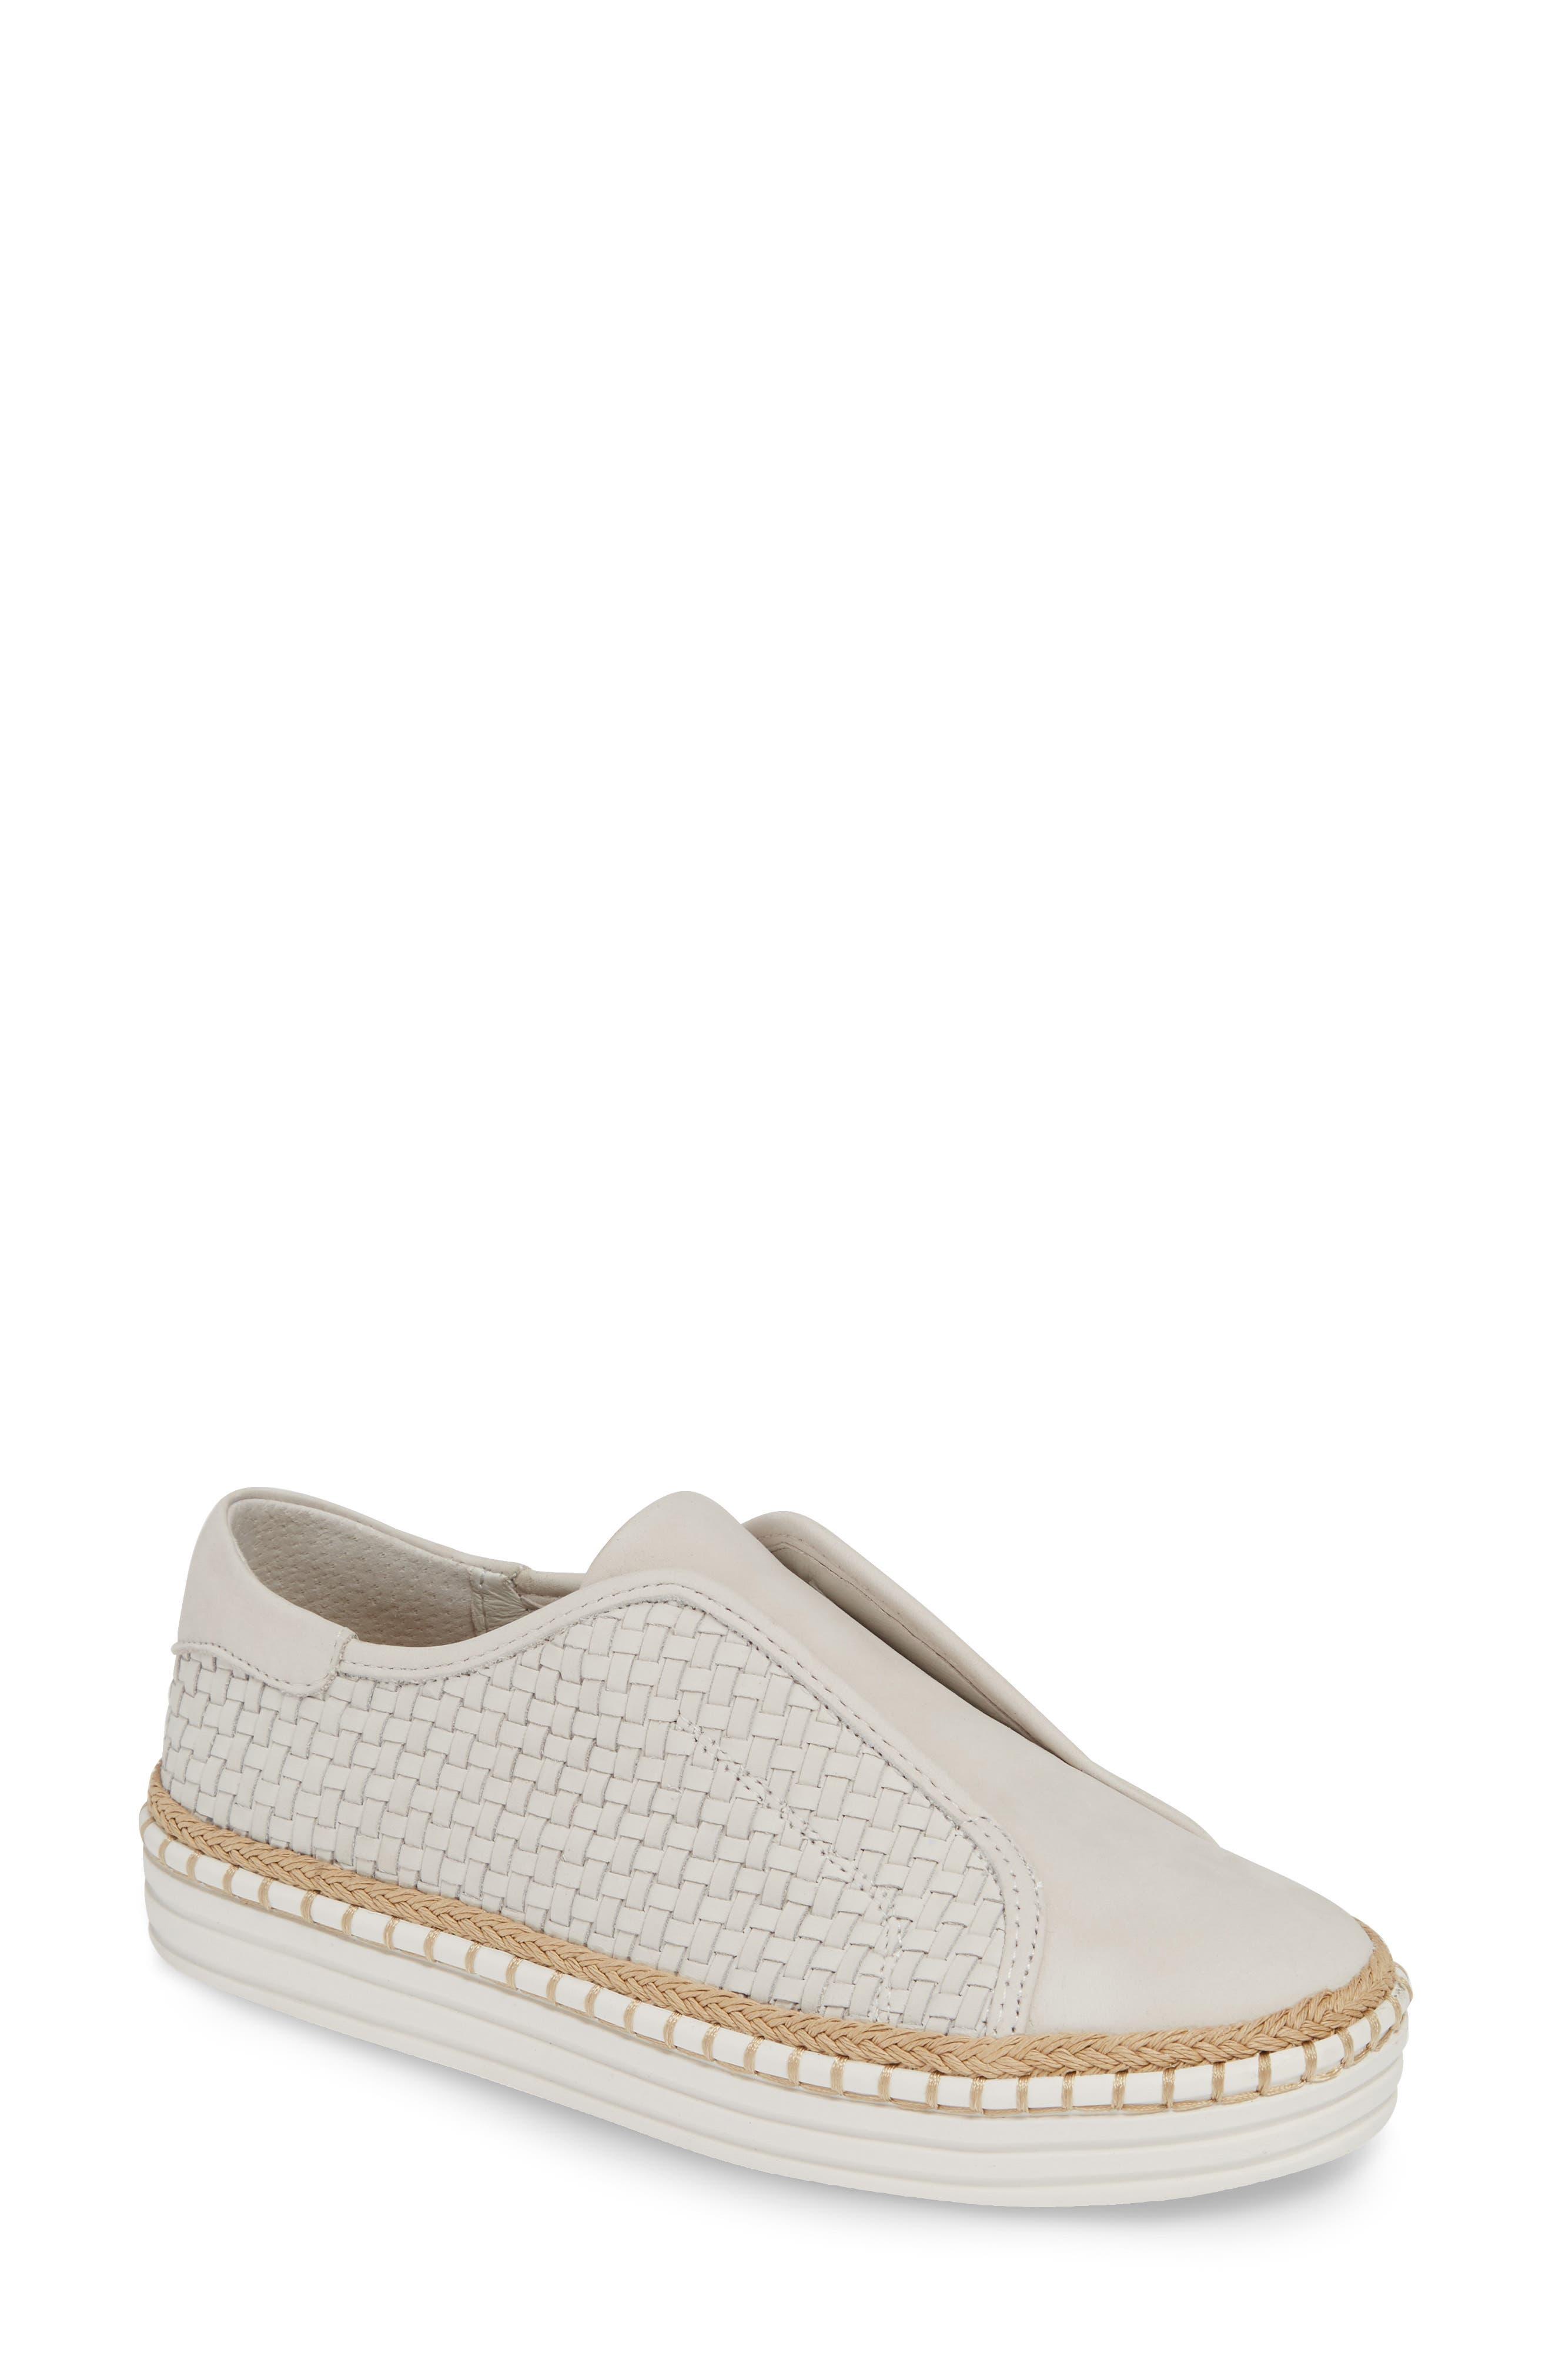 Jslides Kayla Slip-On Sneaker, White